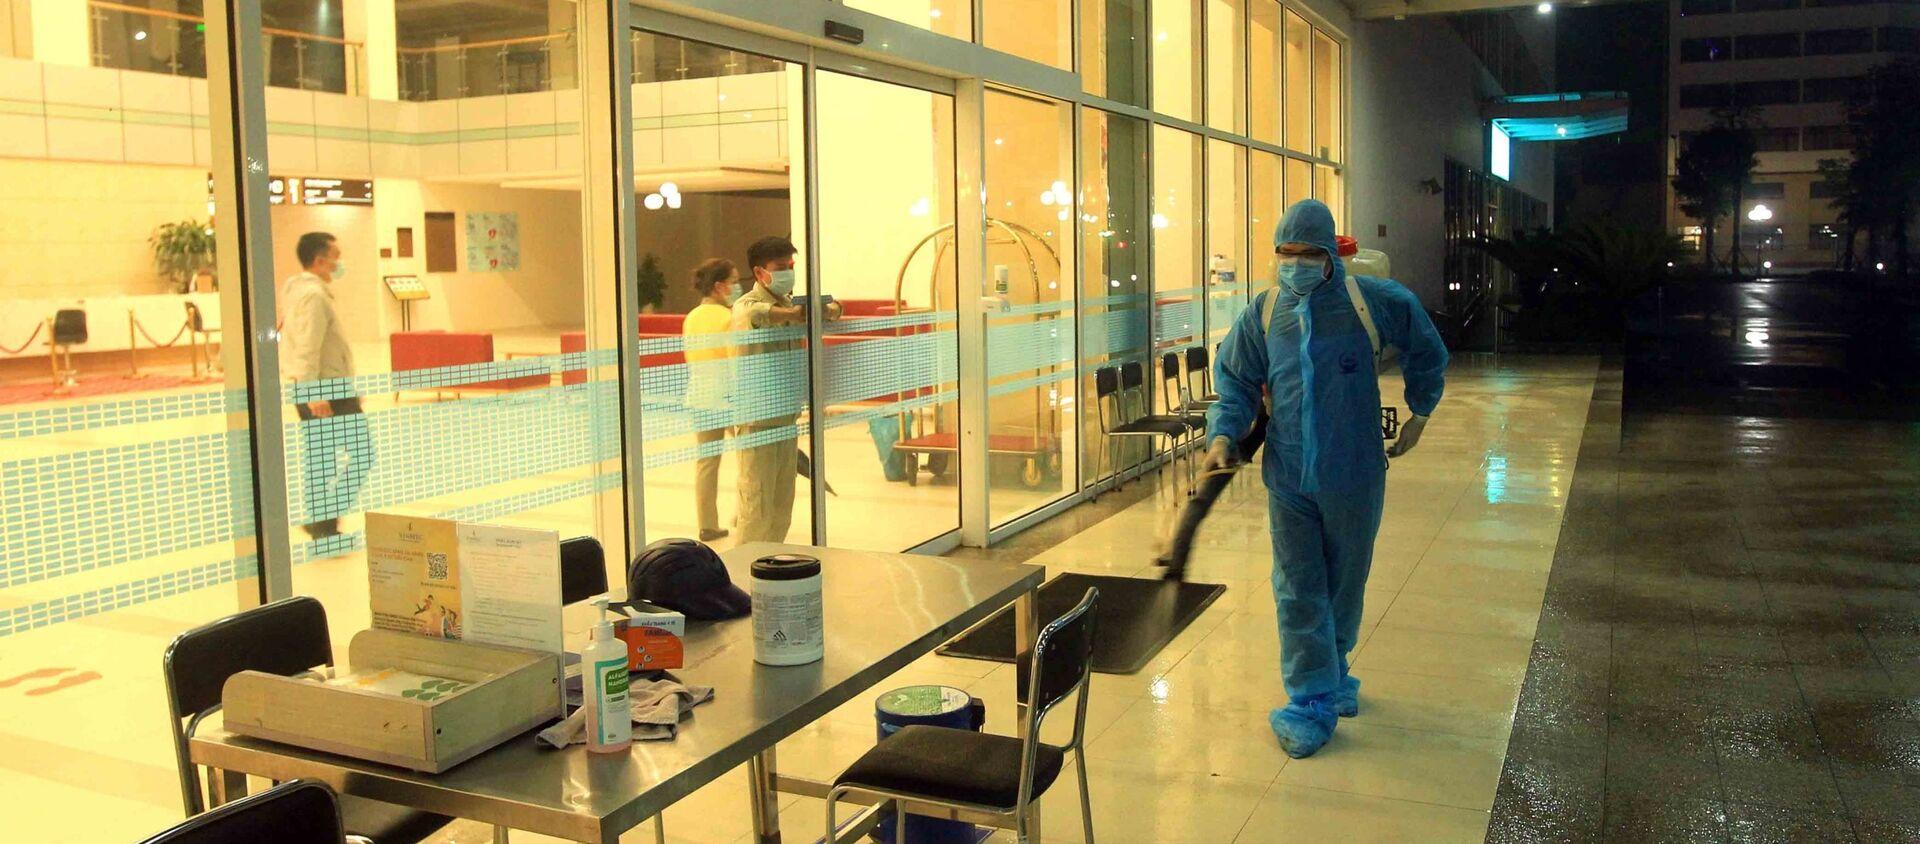 Nhân viên y tế phun thuốc khử trùng tiêu độc ngay trong đêm tại Bệnh viện quốc tế Vinmec Hải Phòng. - Sputnik Việt Nam, 1920, 26.03.2021